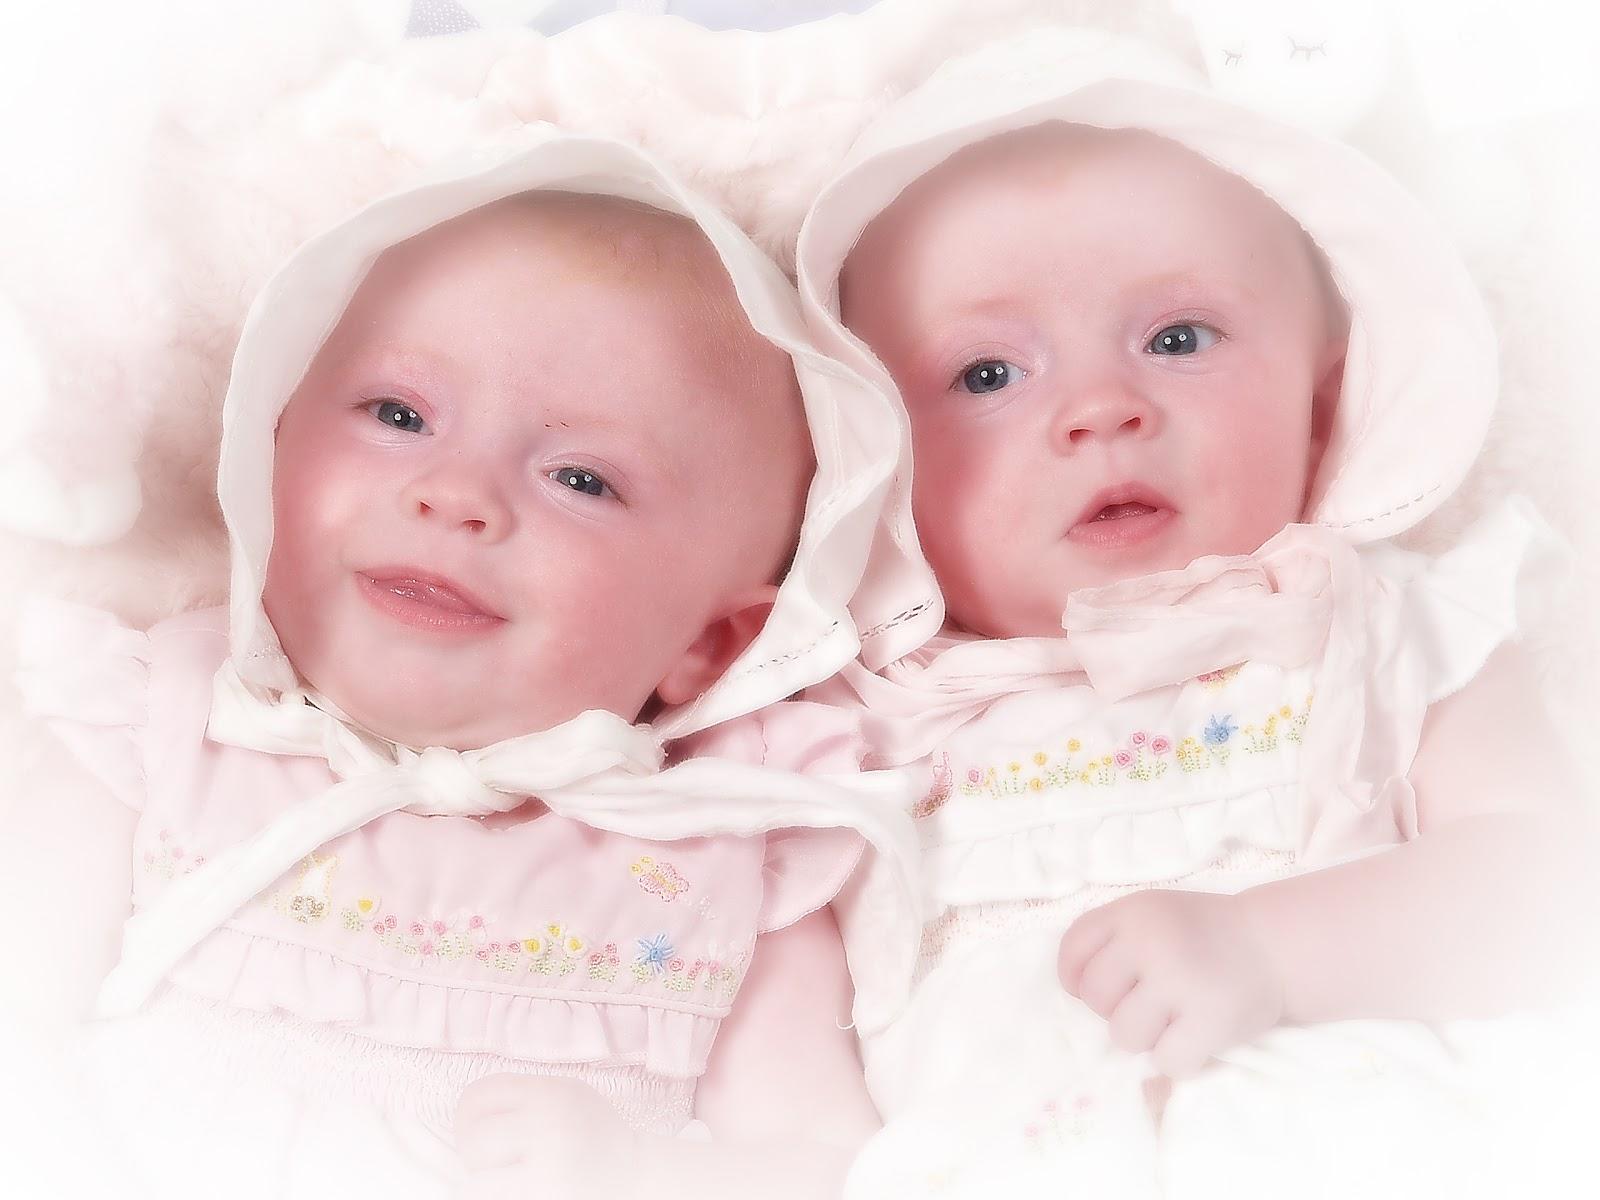 Beautiful Wallpapers Of Babies WallpaperSafari